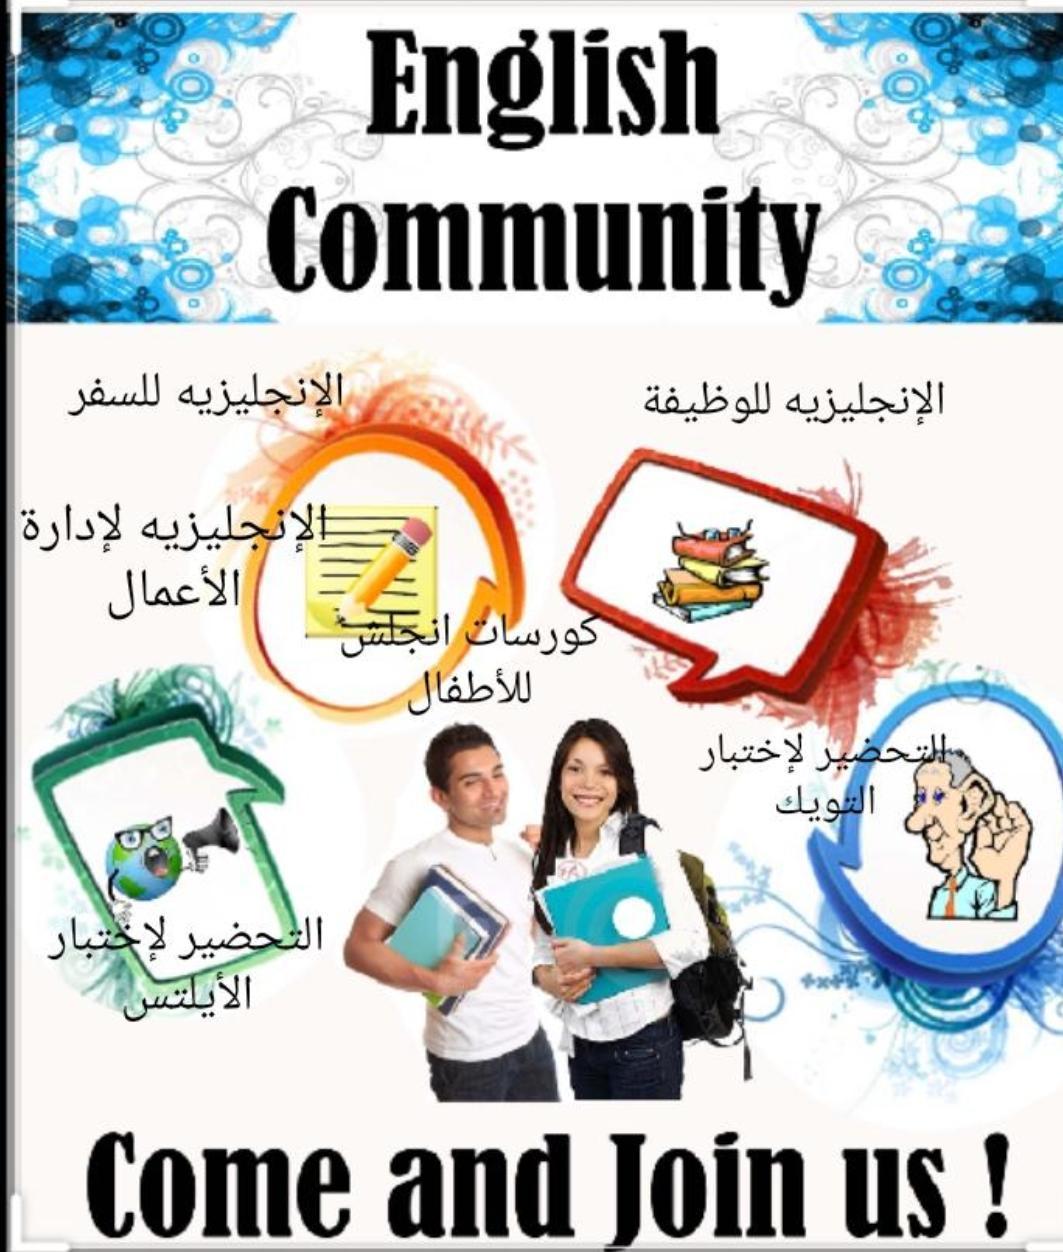 معلمة تأسيس ابتدائي 0537655501 عربون